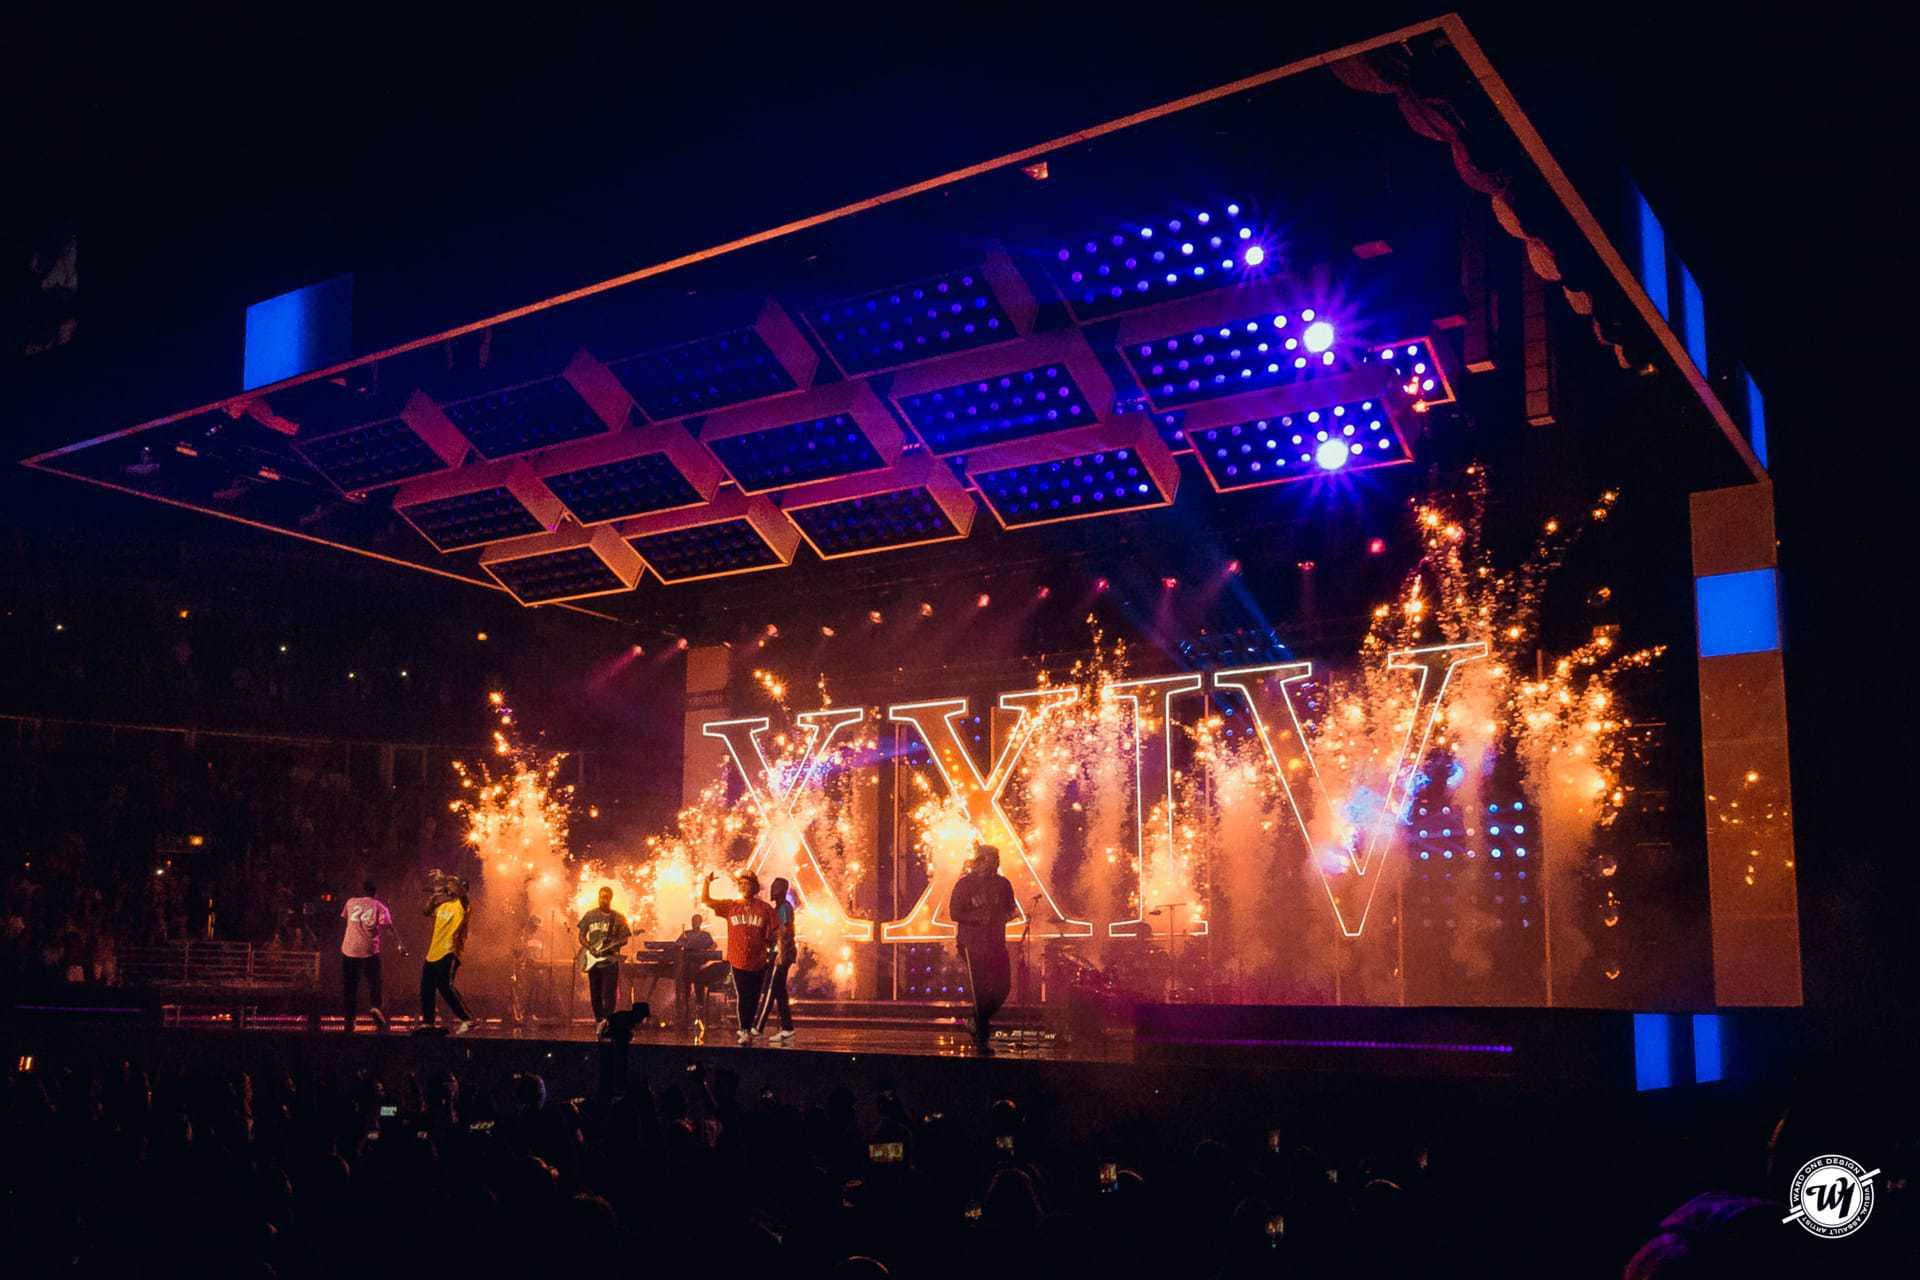 Bruno Mars 24k Magic Tour 2017